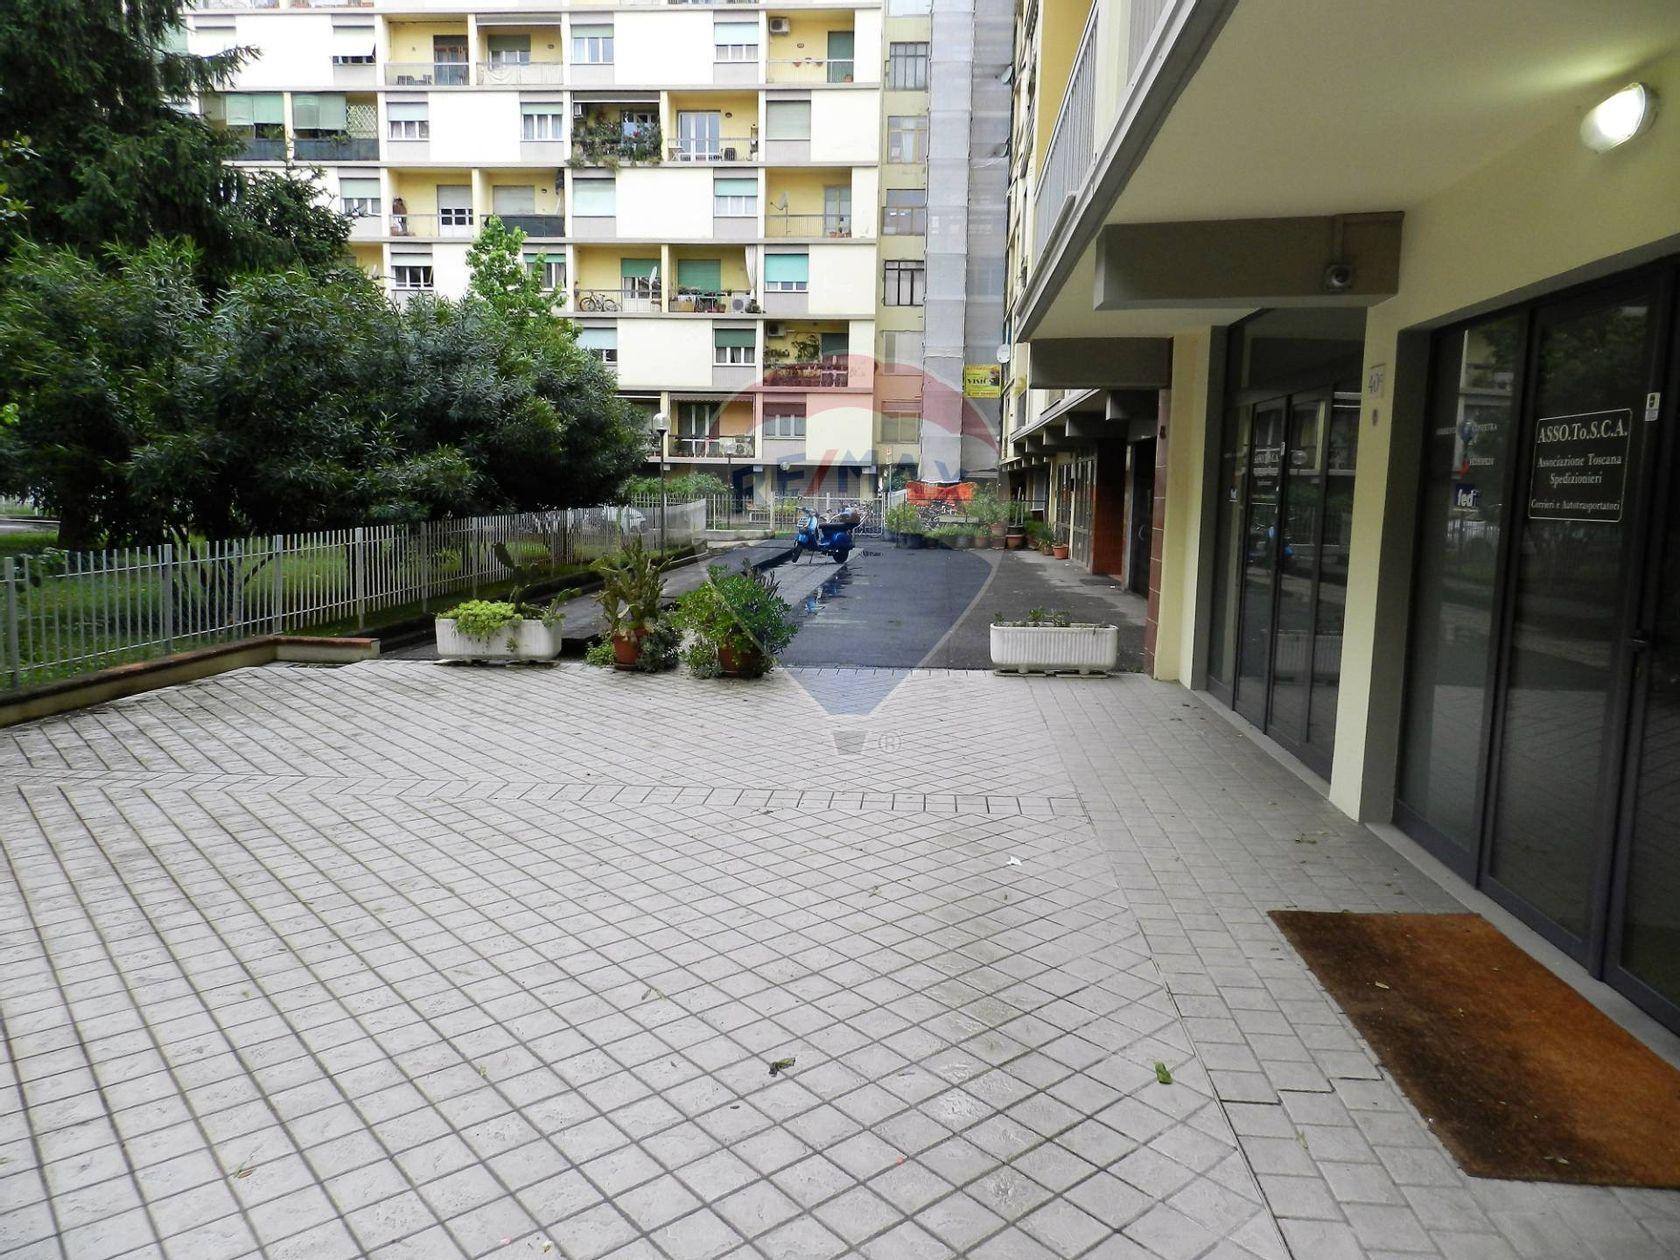 Appartamento Firenze - Porta A Prato San Jacopino Fortezza, Firenze, FI Vendita - Foto 26